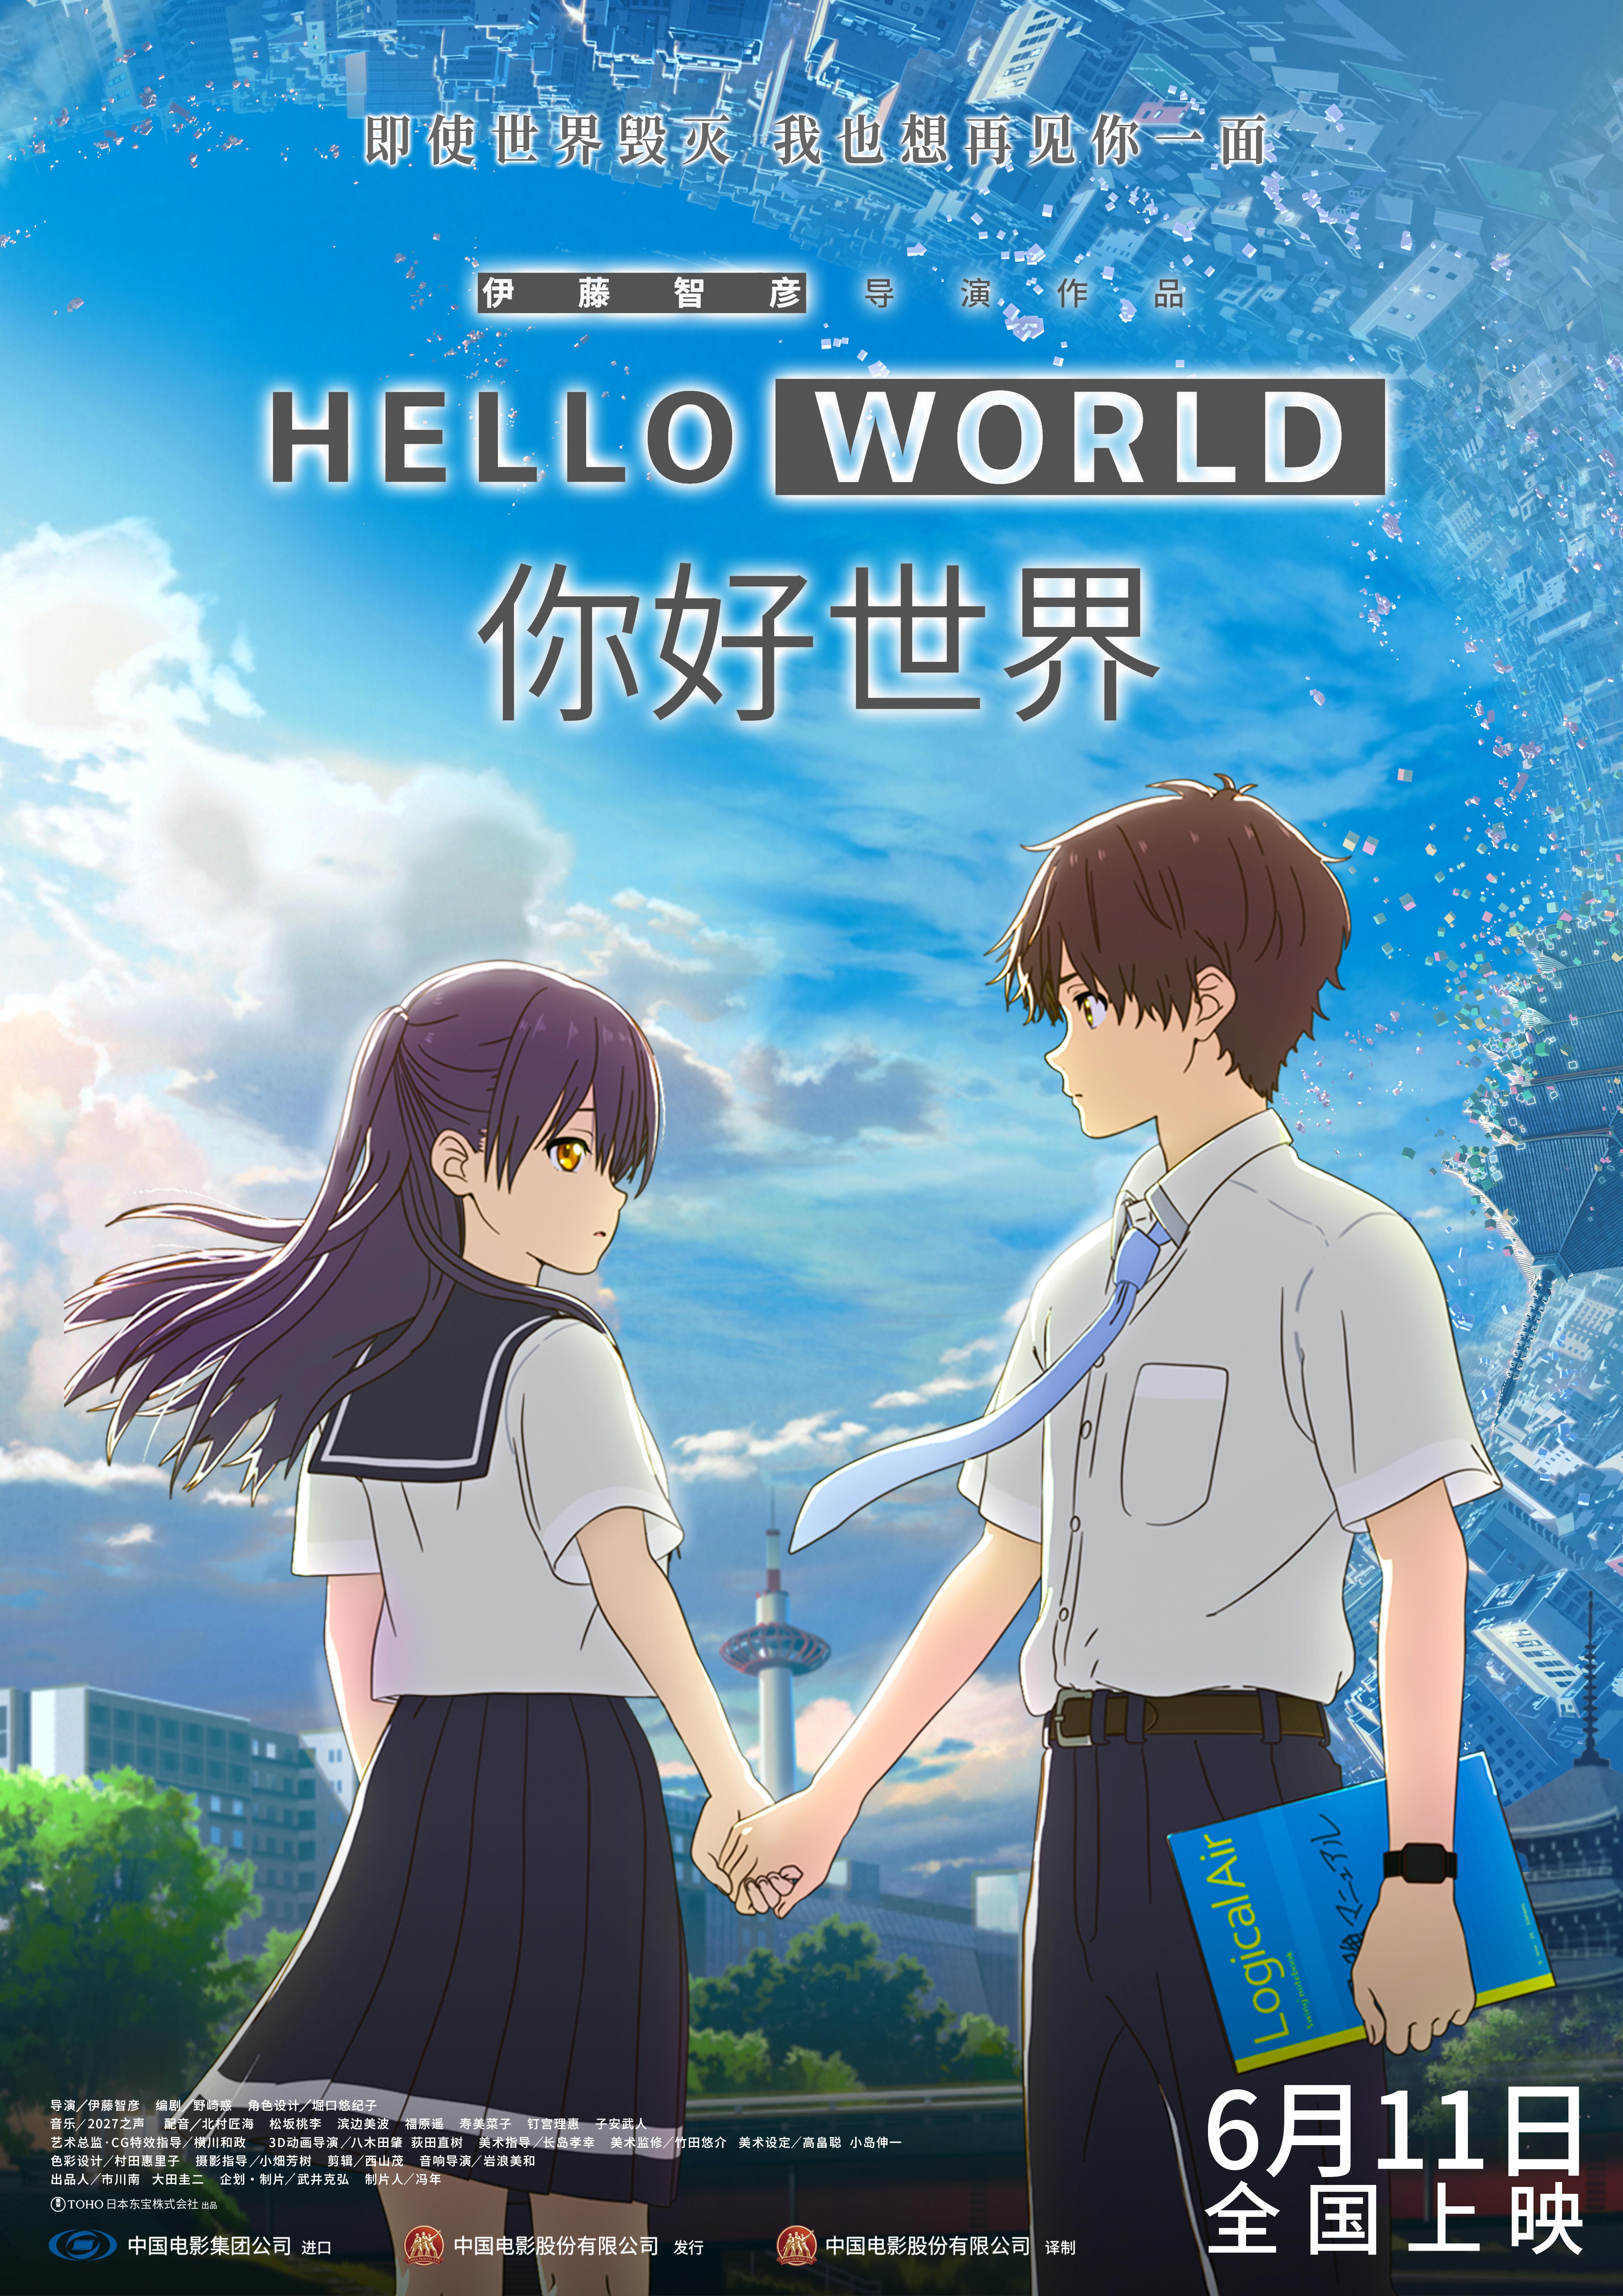 《你好世界》海报